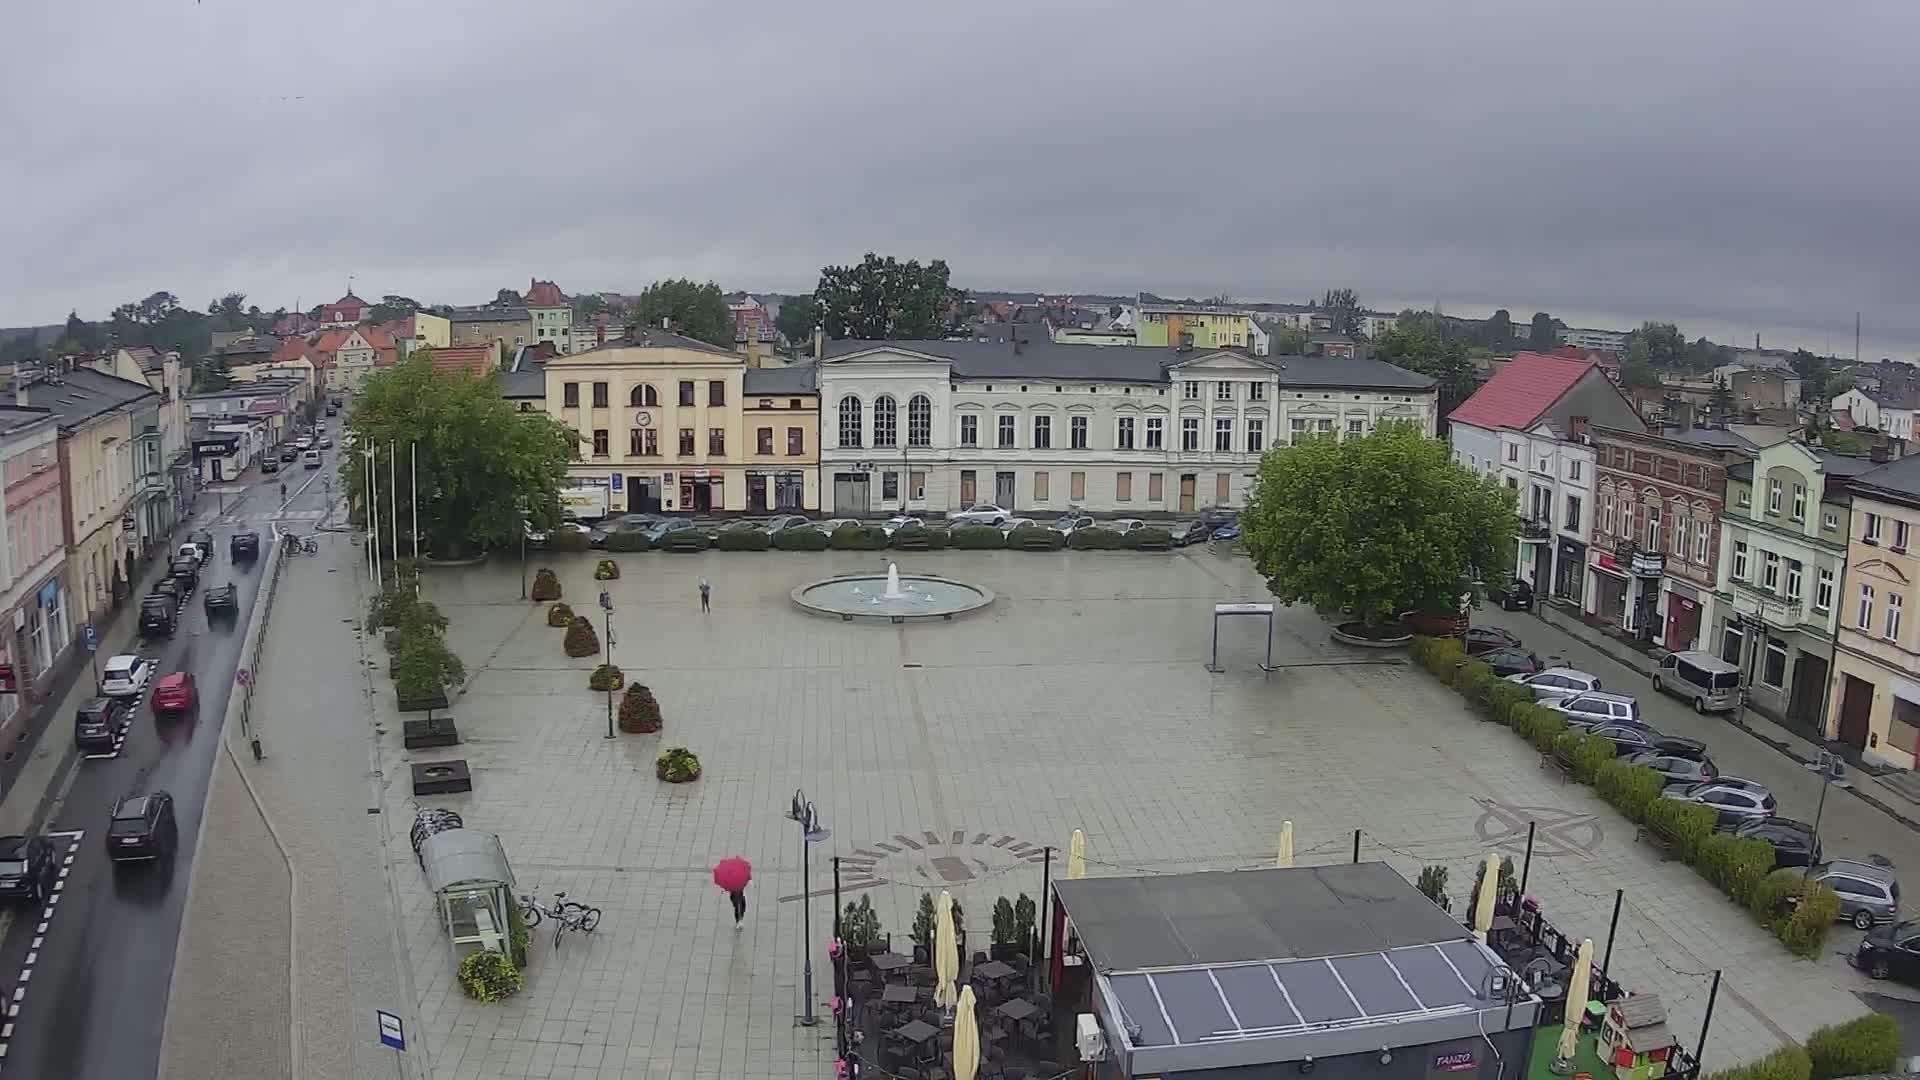 Webcam Wągrowiec: Market square